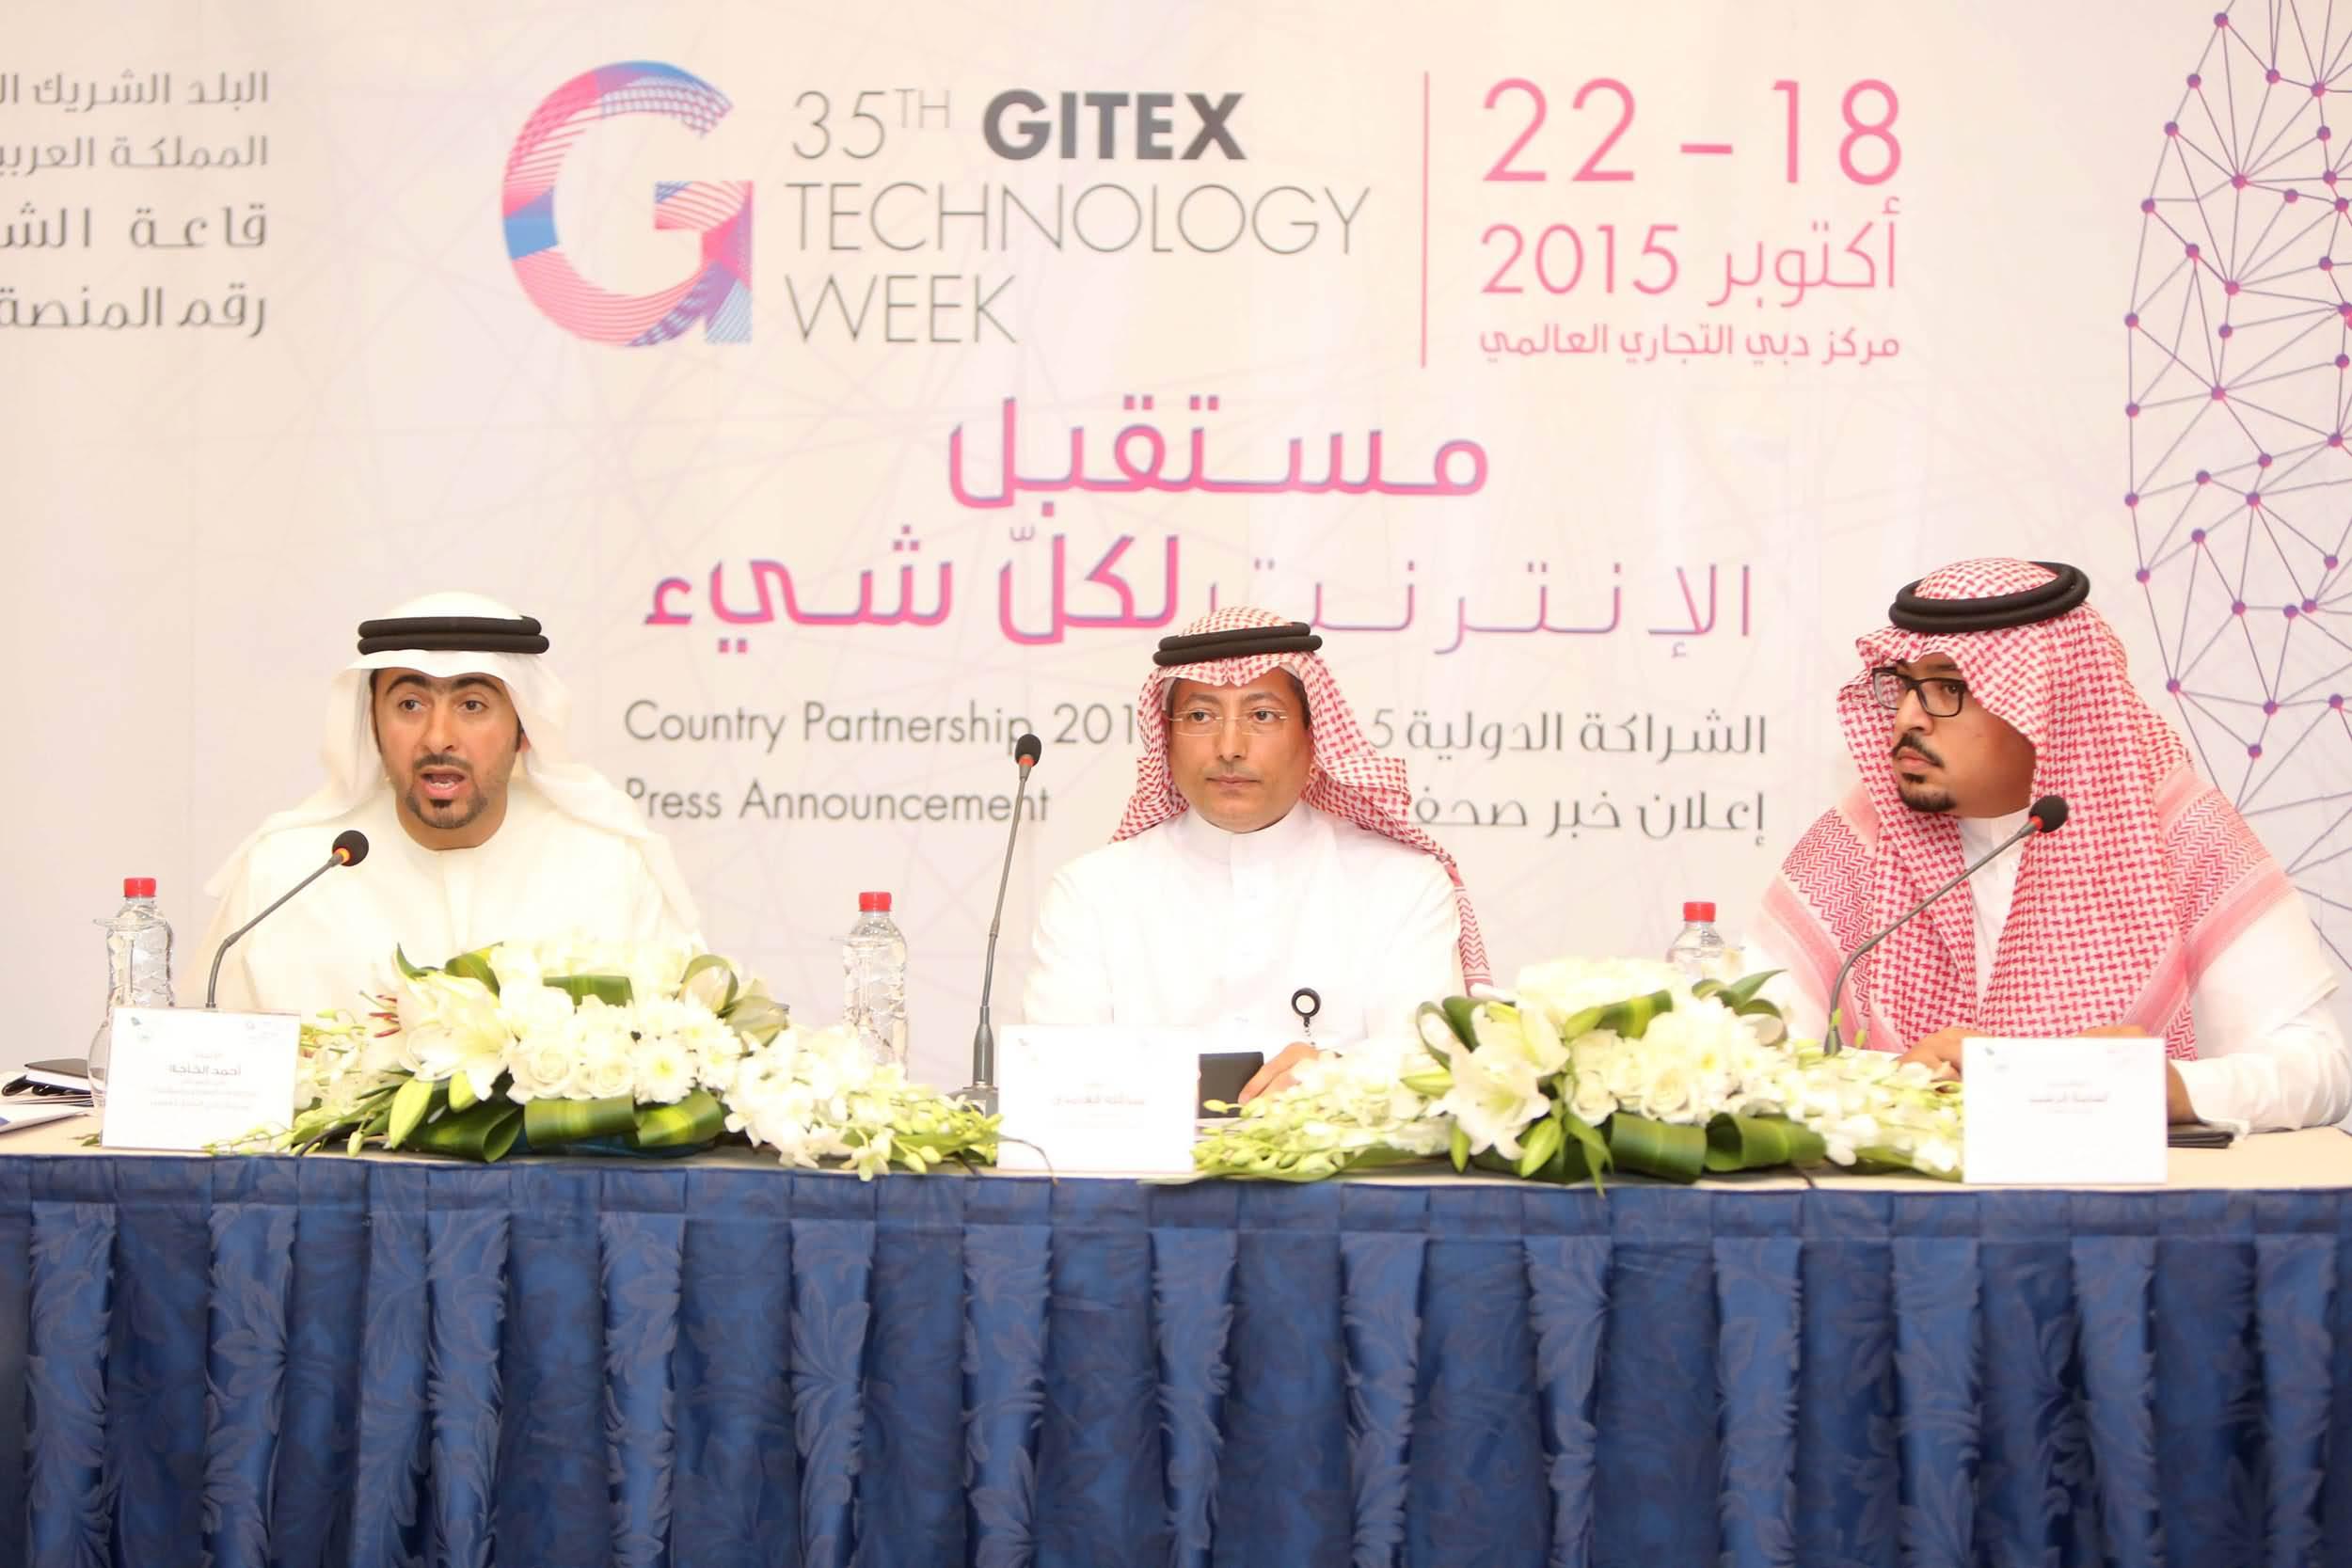 """صورة المملكة العربية السعودية """"شريكاً قطرياً رسمياً"""" لأسبوع جيتكس للتقنية 2015"""